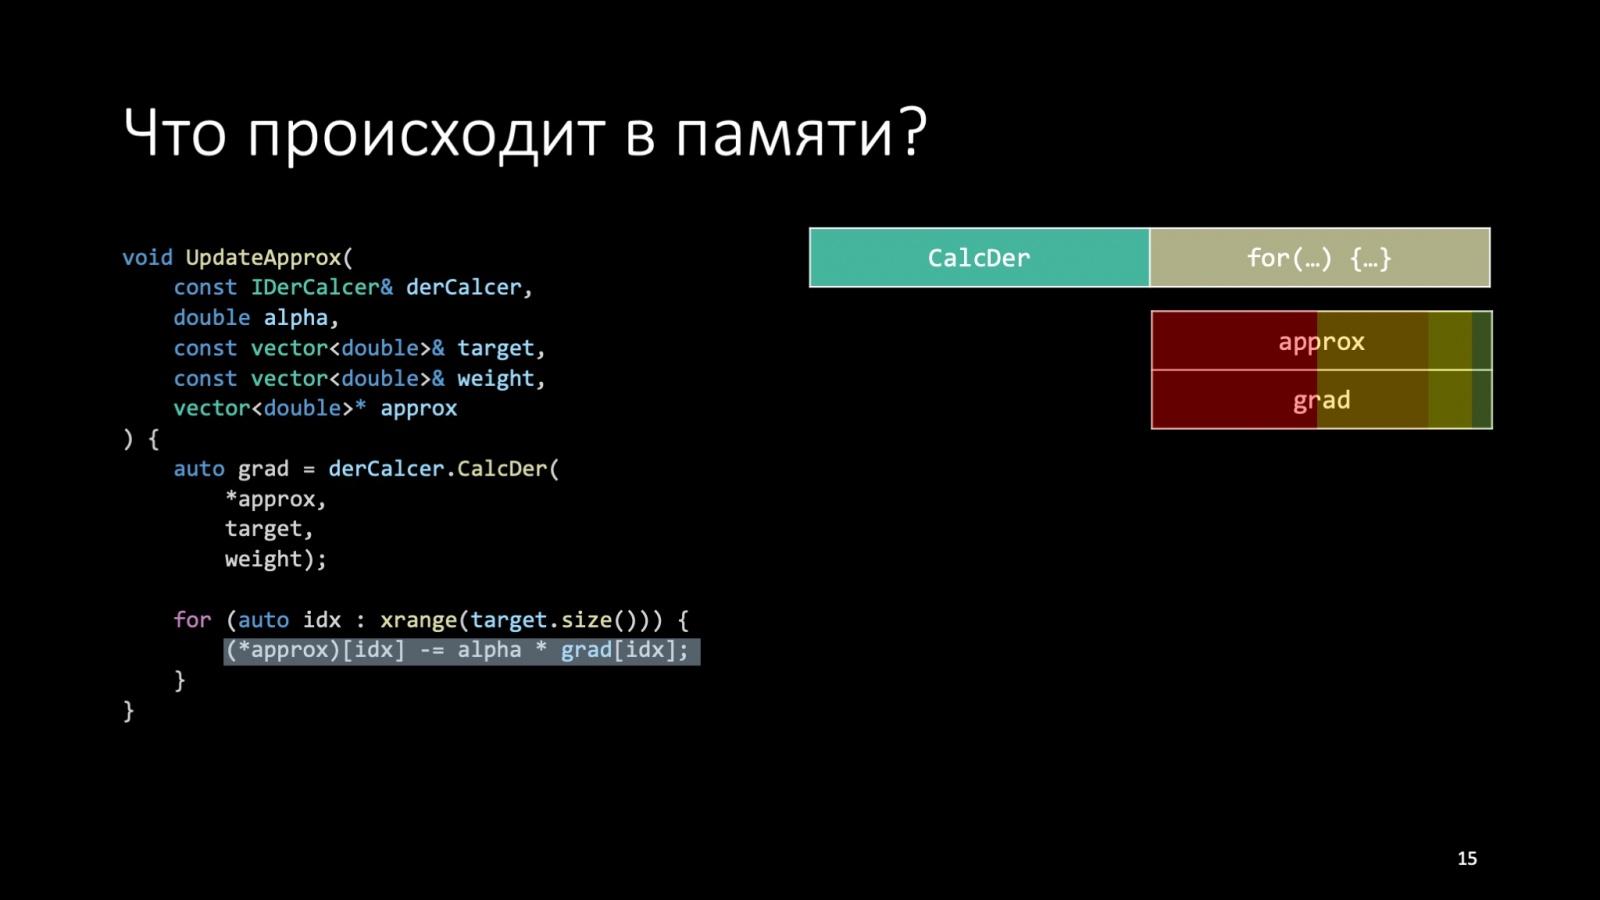 Оптимизация C++: совмещаем скорость и высокий уровень. Доклад Яндекса - 15